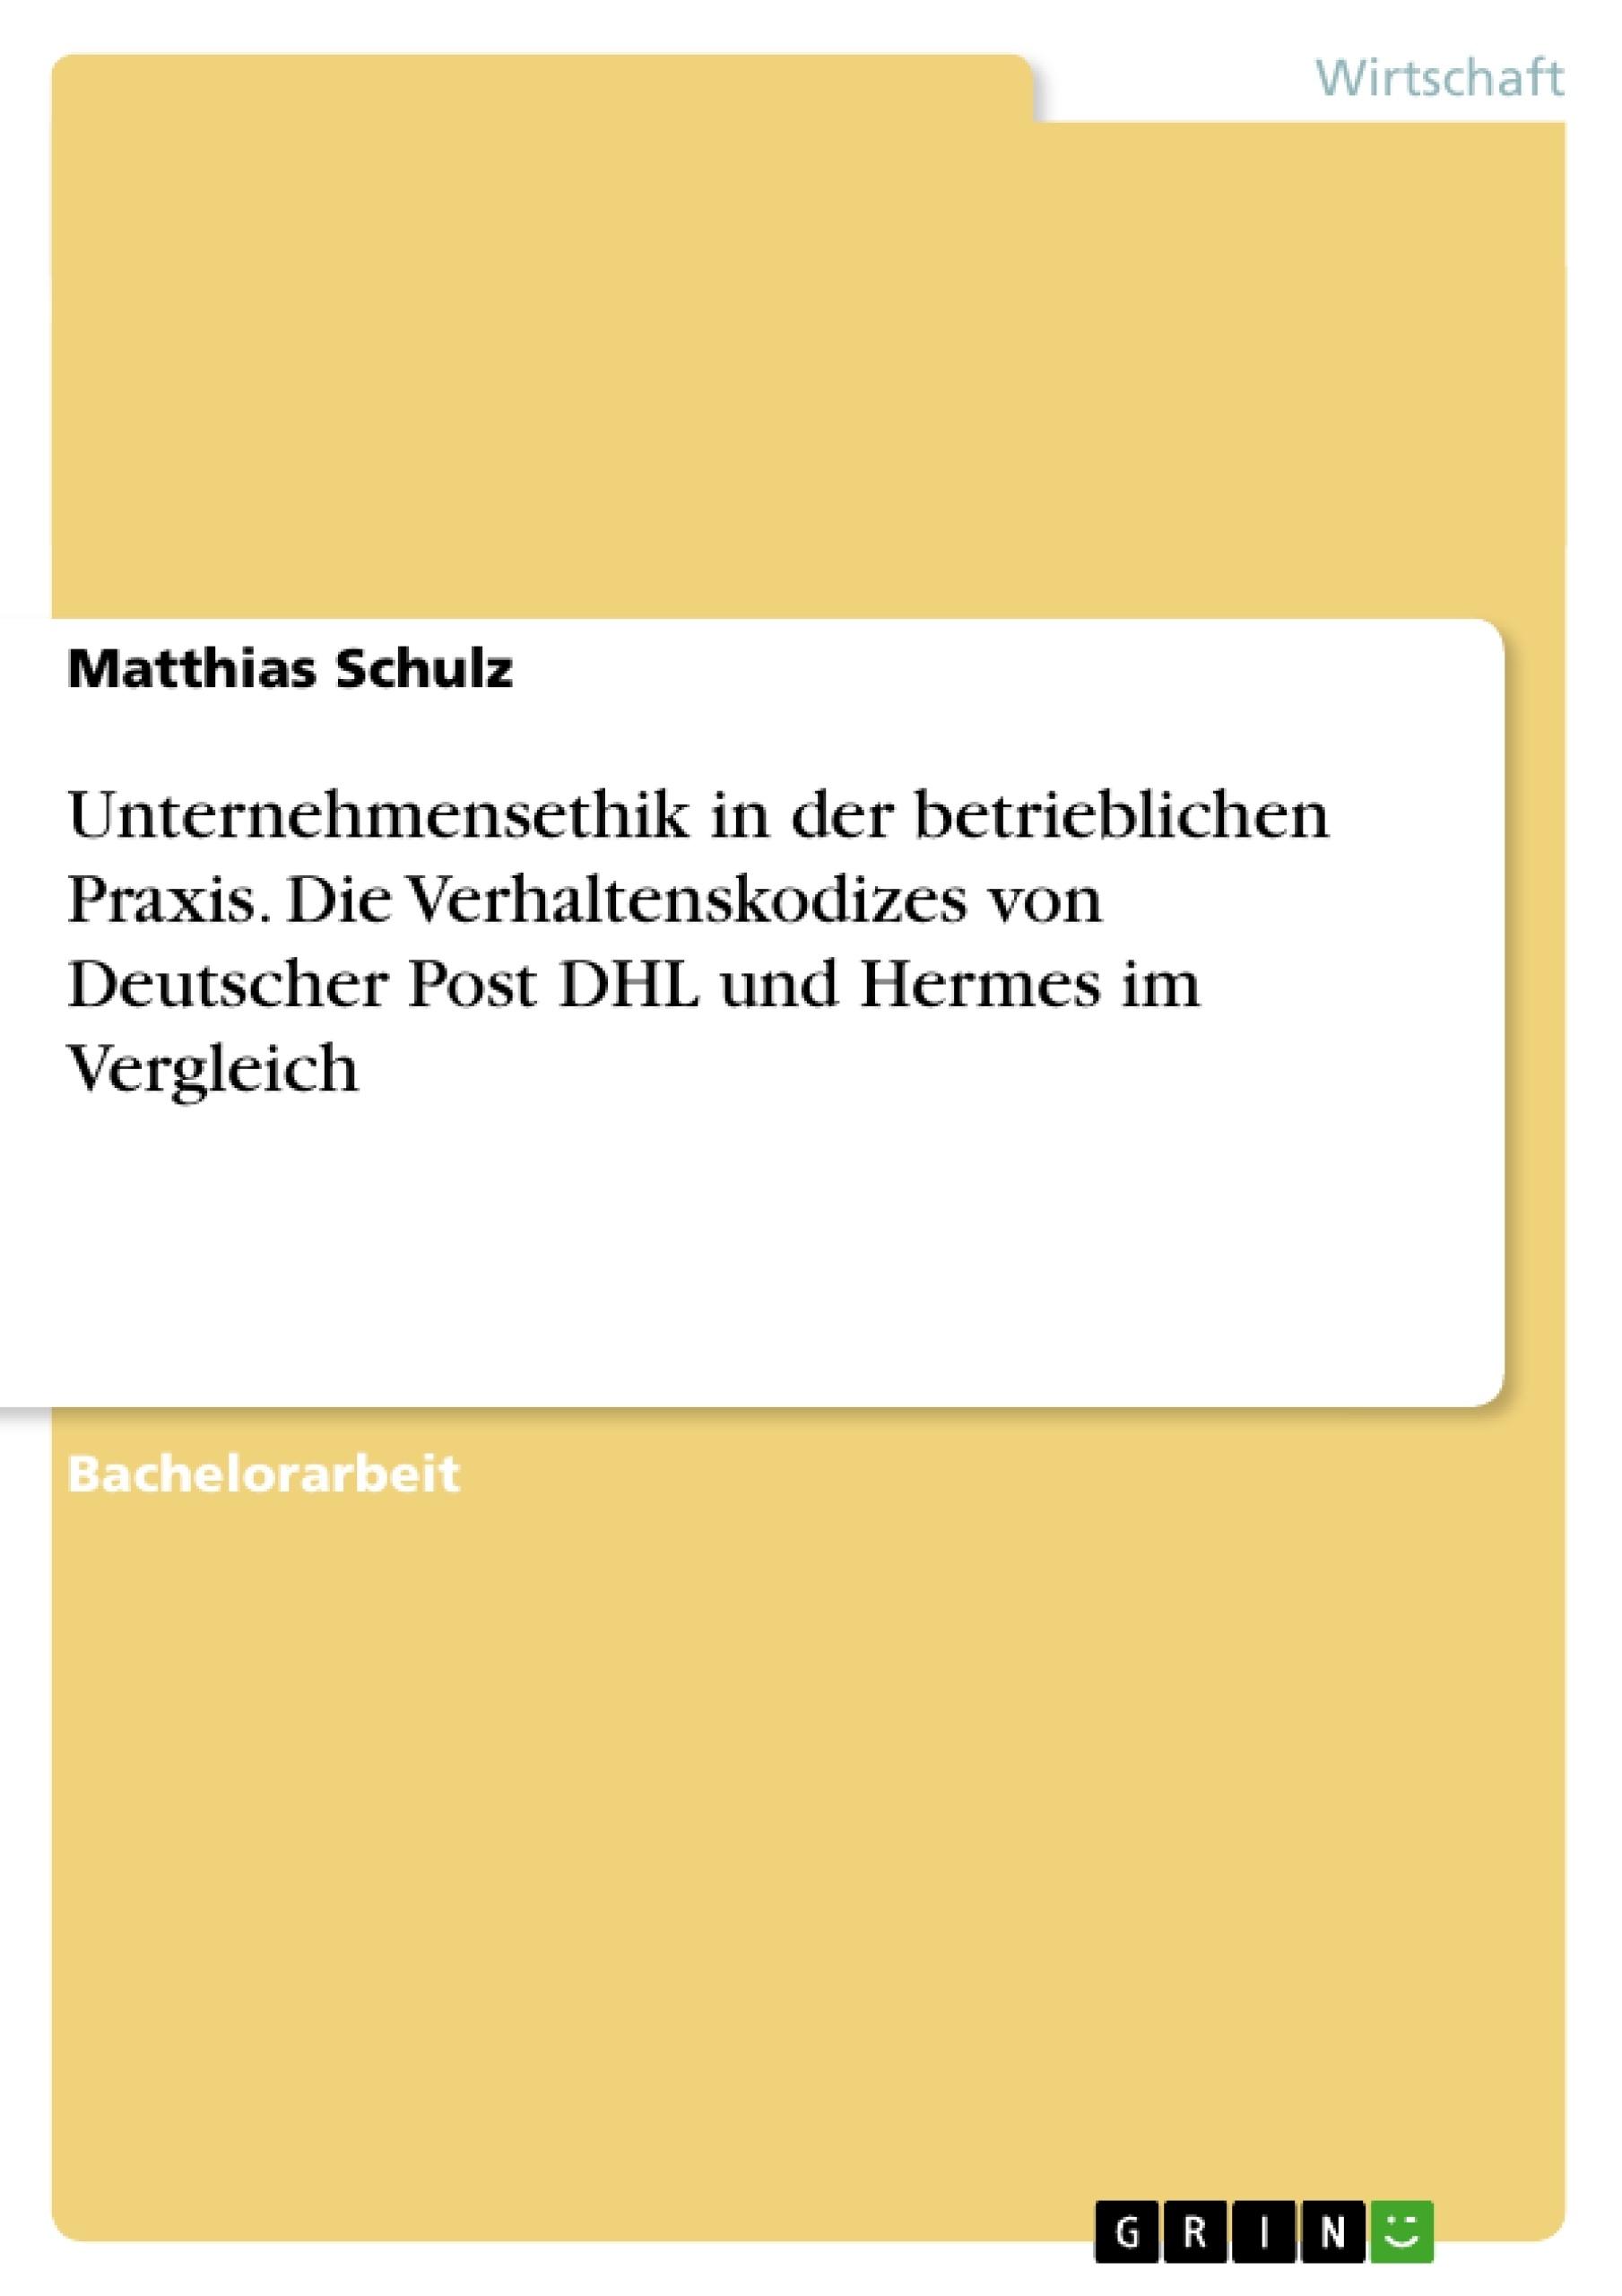 Titel: Unternehmensethik in der betrieblichen Praxis. Die Verhaltenskodizes von Deutscher Post DHL und Hermes im Vergleich